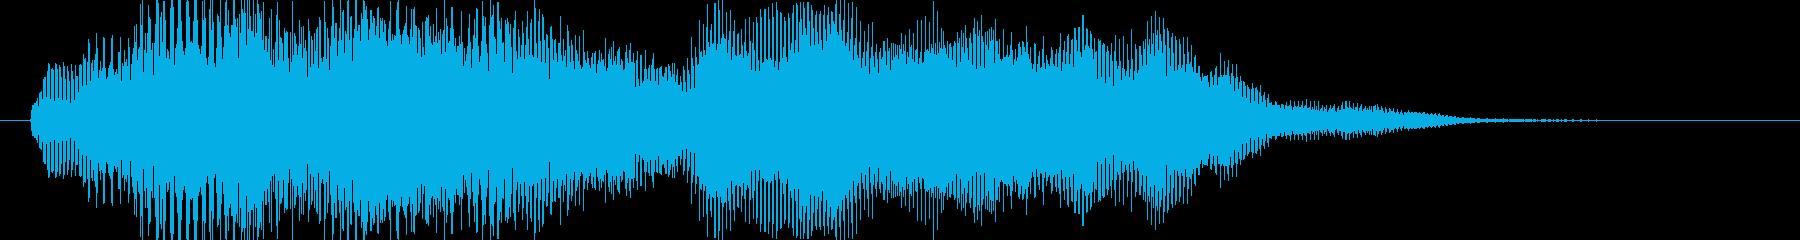 シンセ系のサウンドロゴの再生済みの波形